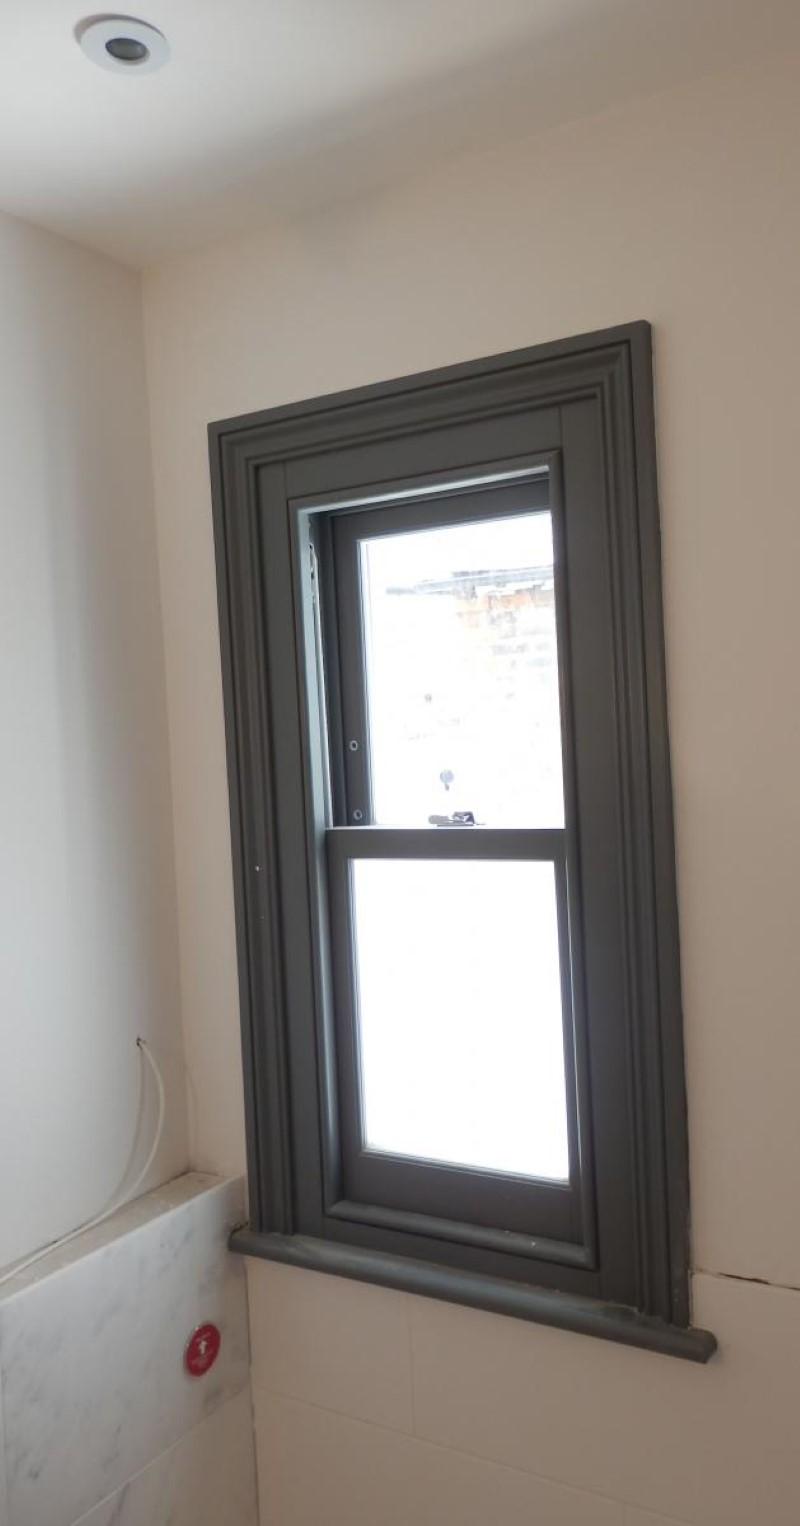 windows-london-sutton-bromley-lewisham-03